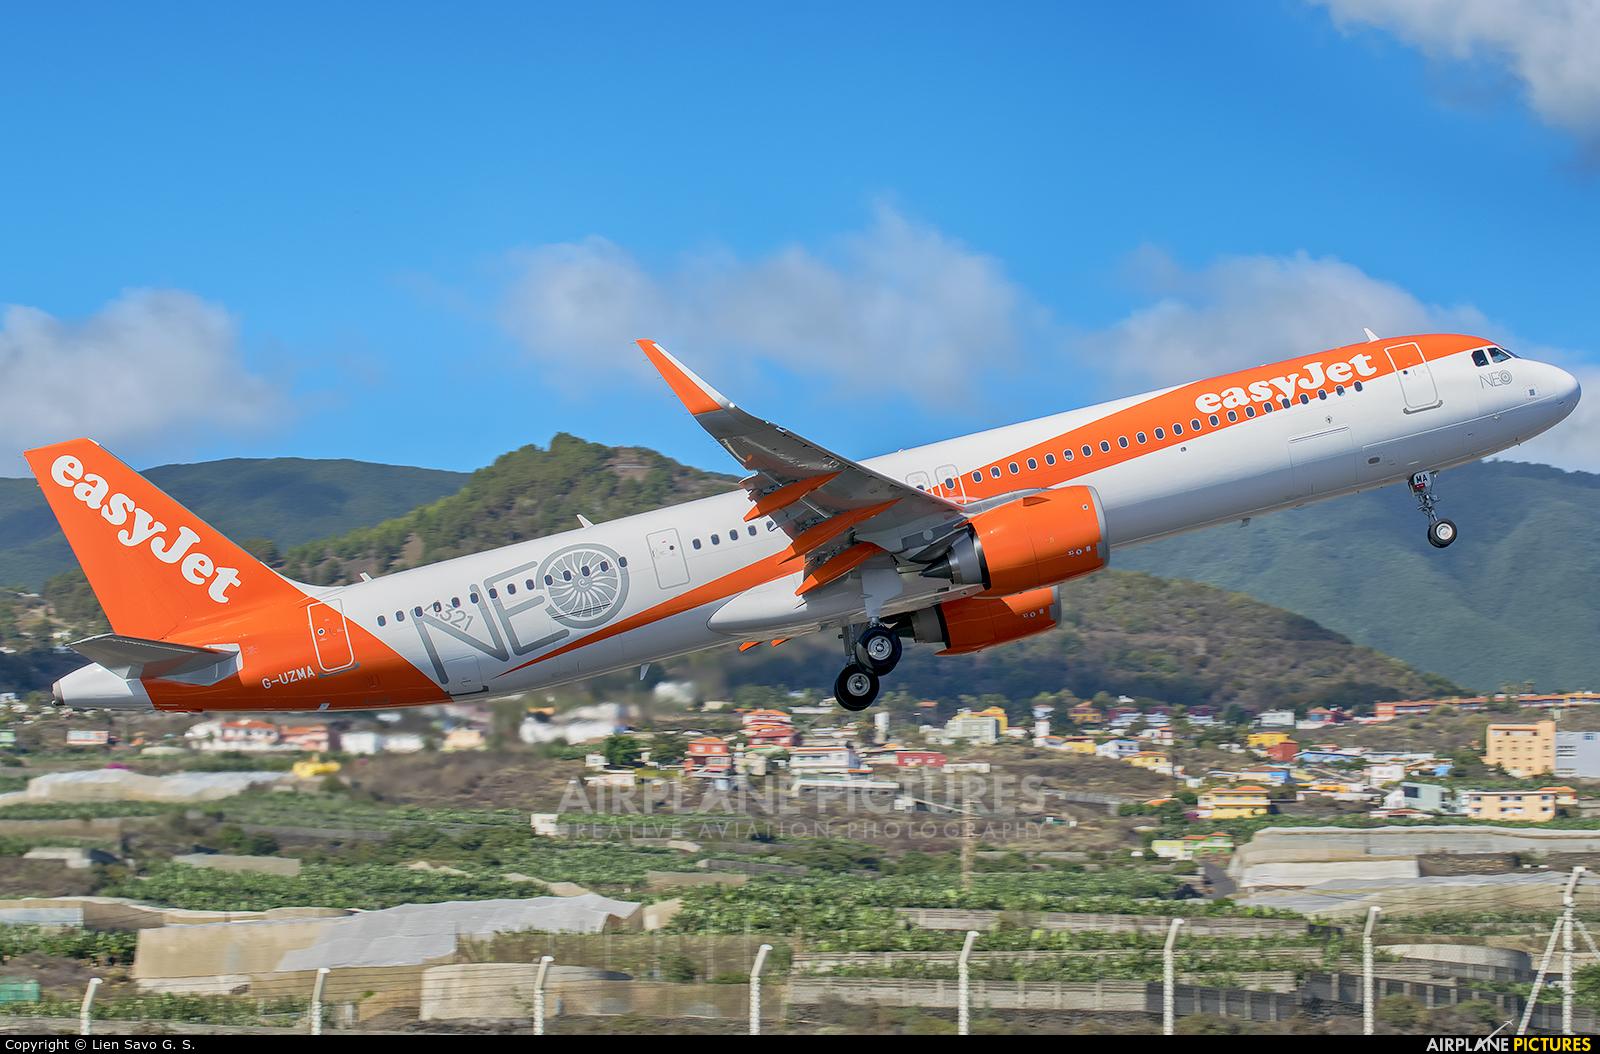 easyJet G-UZMA aircraft at Santa Cruz de La Palma